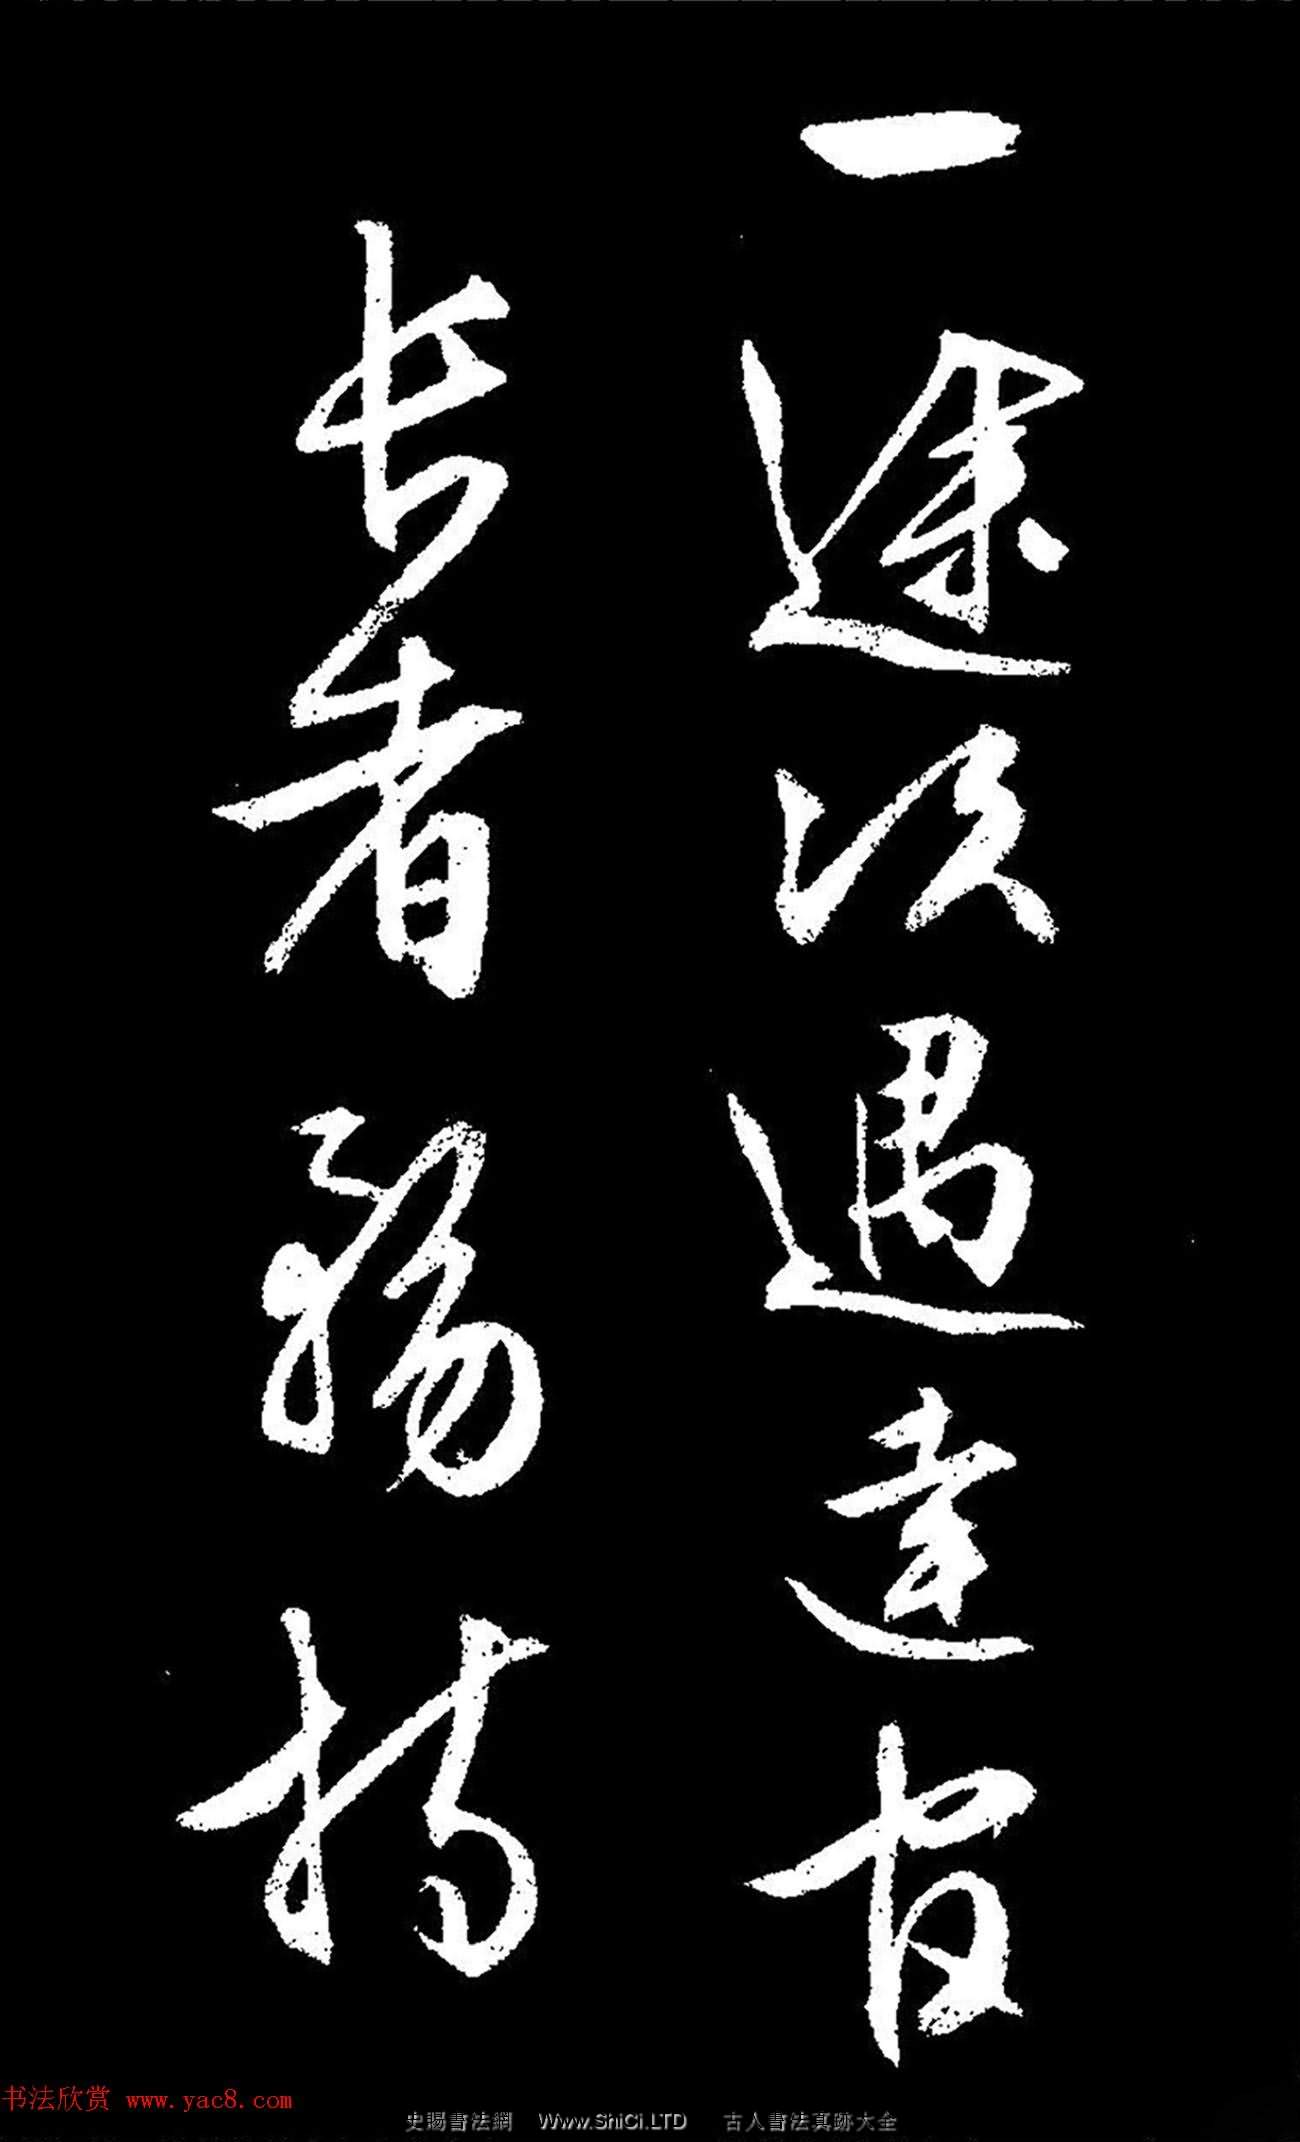 文徵明行草書《過庭復語十節卷》高清大圖(共88張圖片)